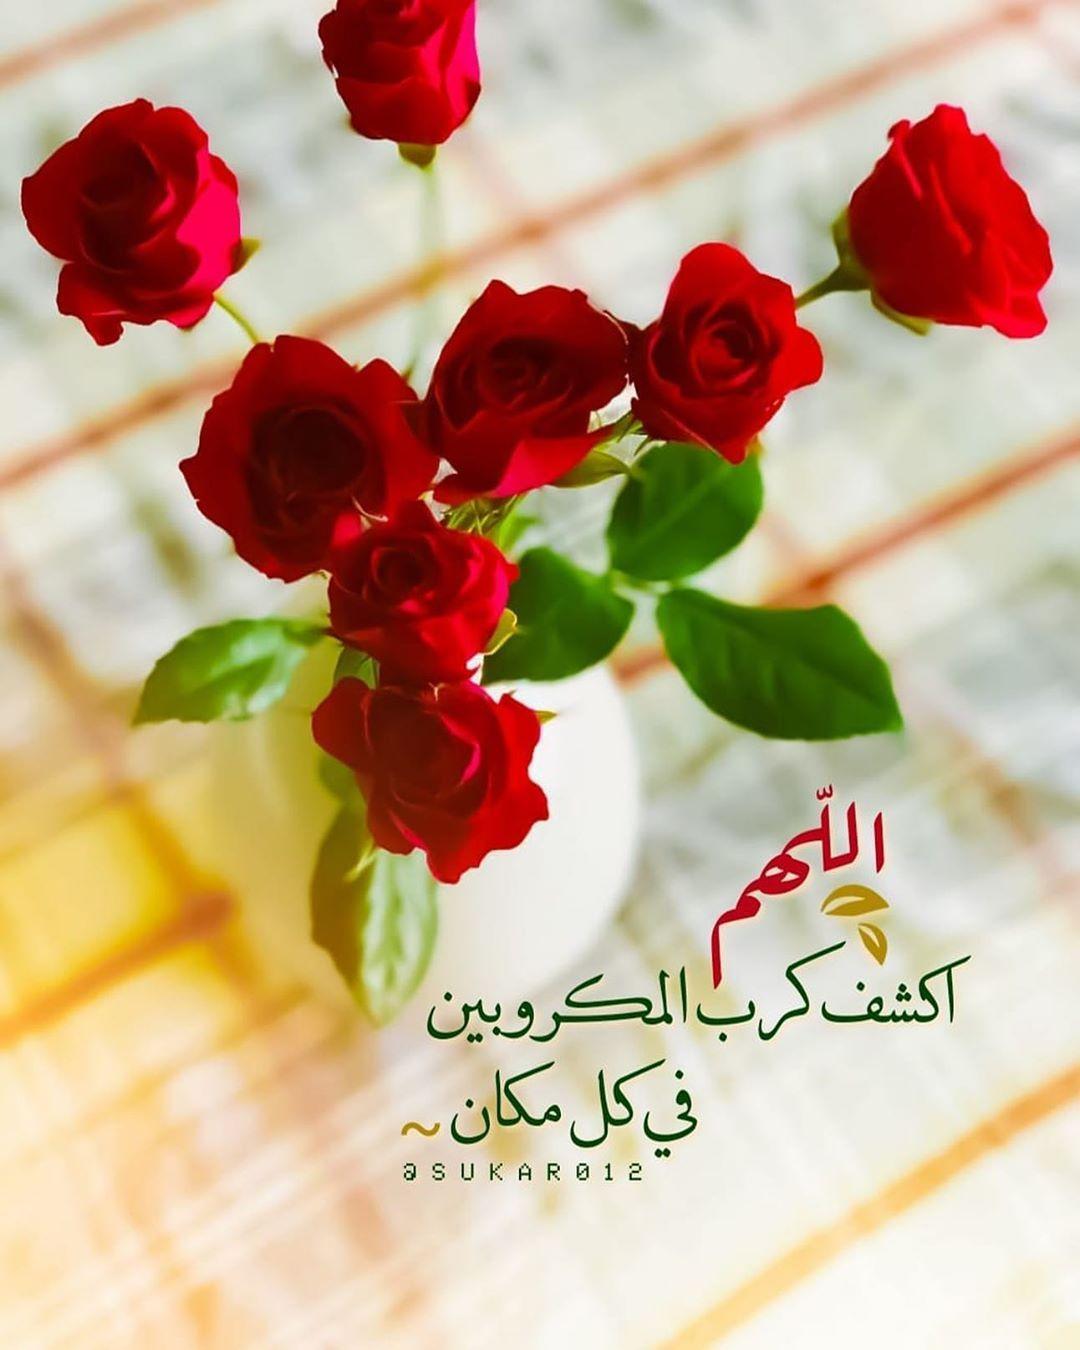 315 Likes 6 Comments عـ زه الزهـ ـراني Azazy7 On Instagram Flowers Rose Plants